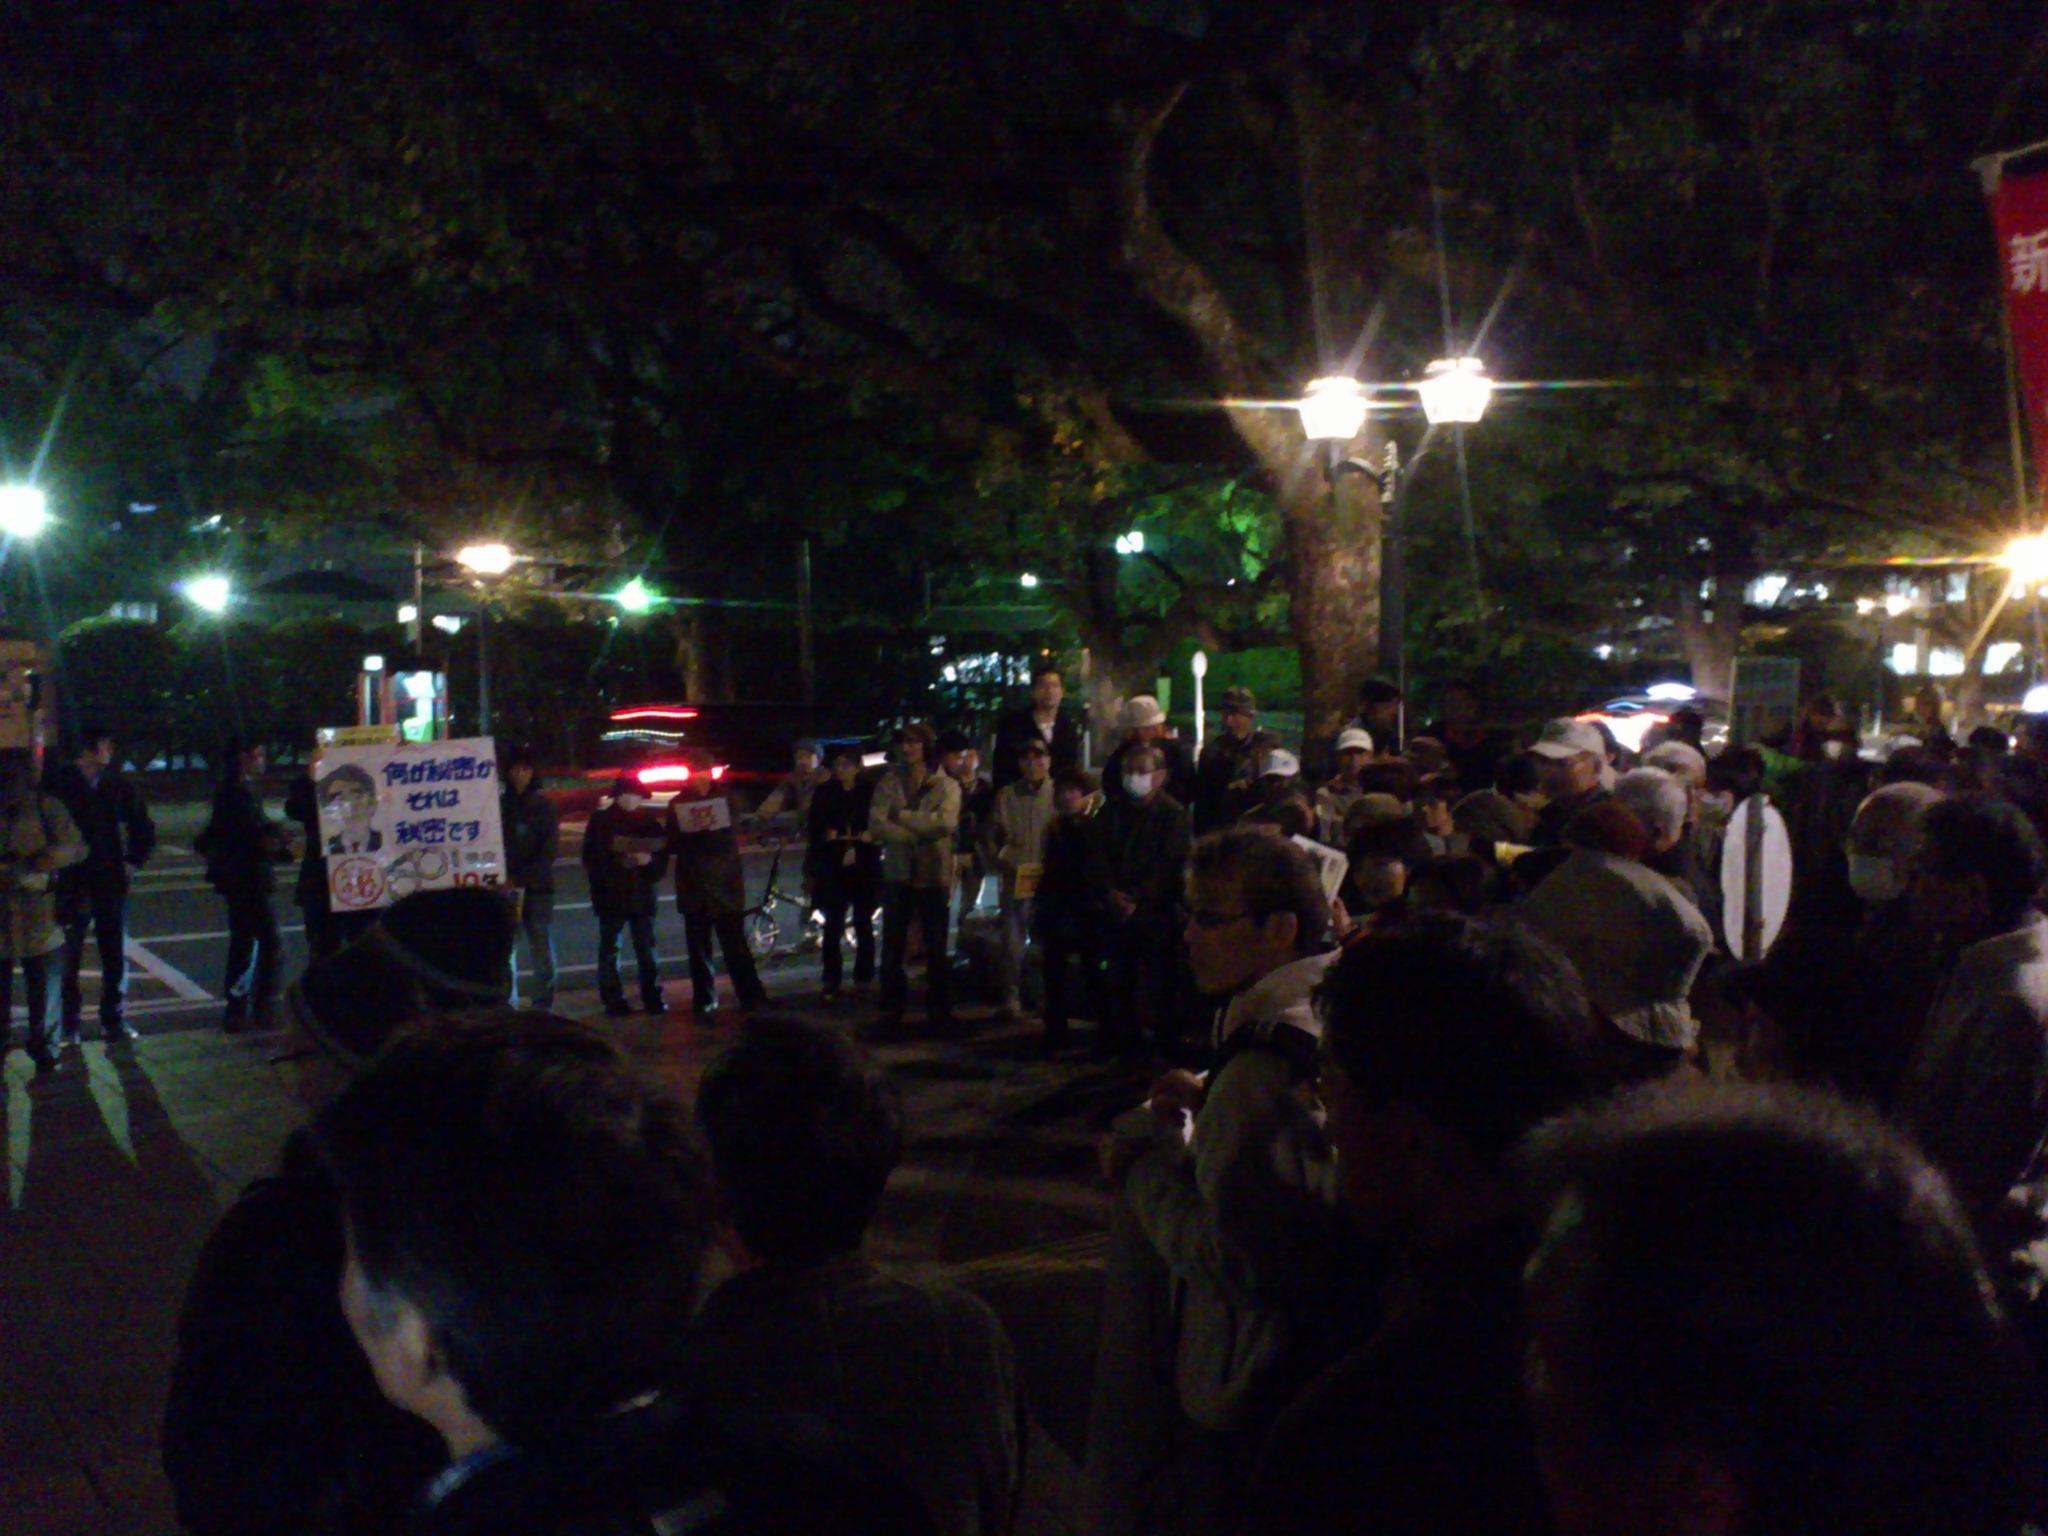 @宮崎県庁前。秘密保護法デモ。主催者発表300人強。